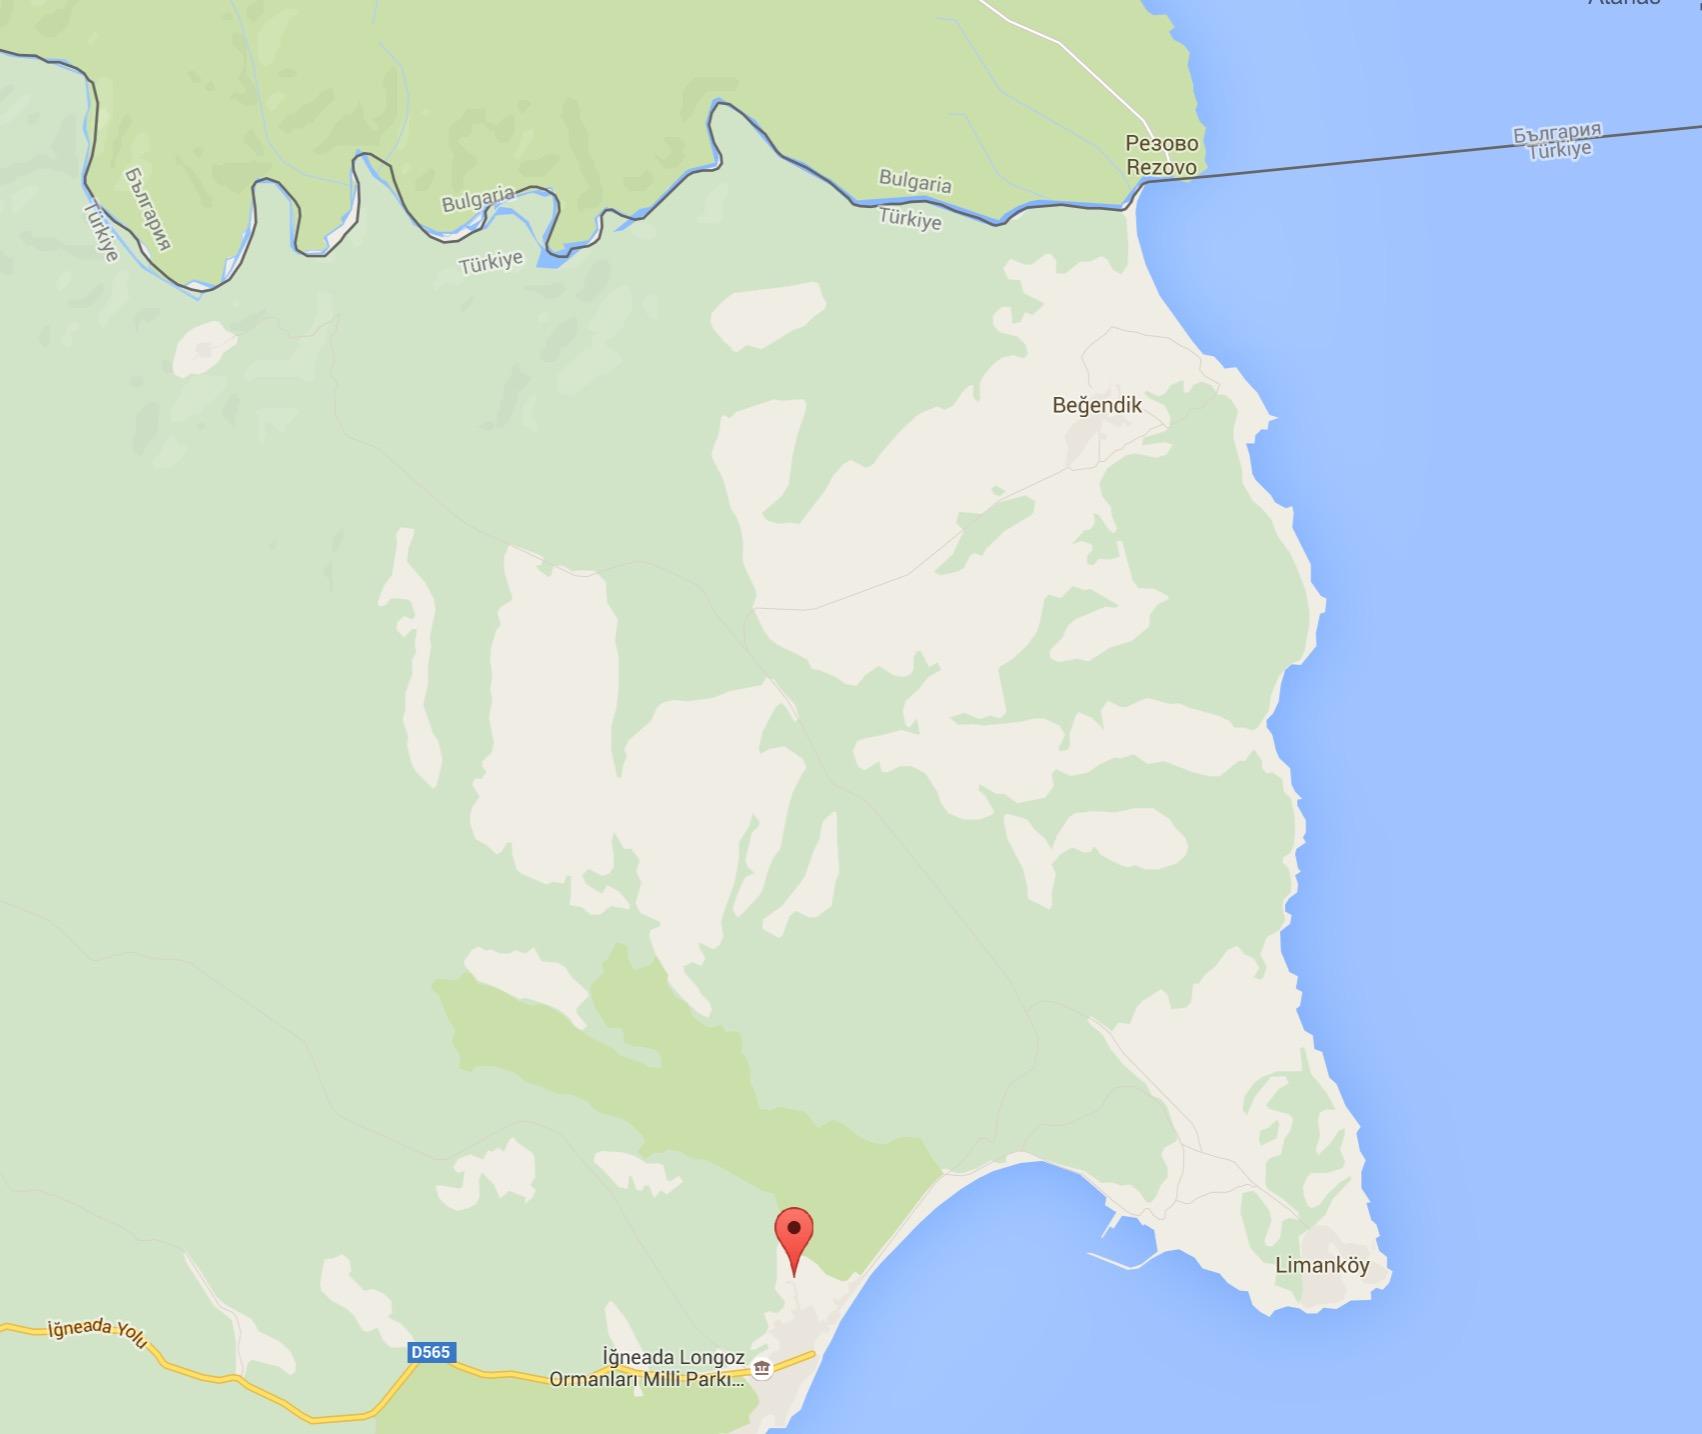 Проектът за АЕЦ - Инеада е на няколко километра от България и в сърцето на Черноморска Странджа